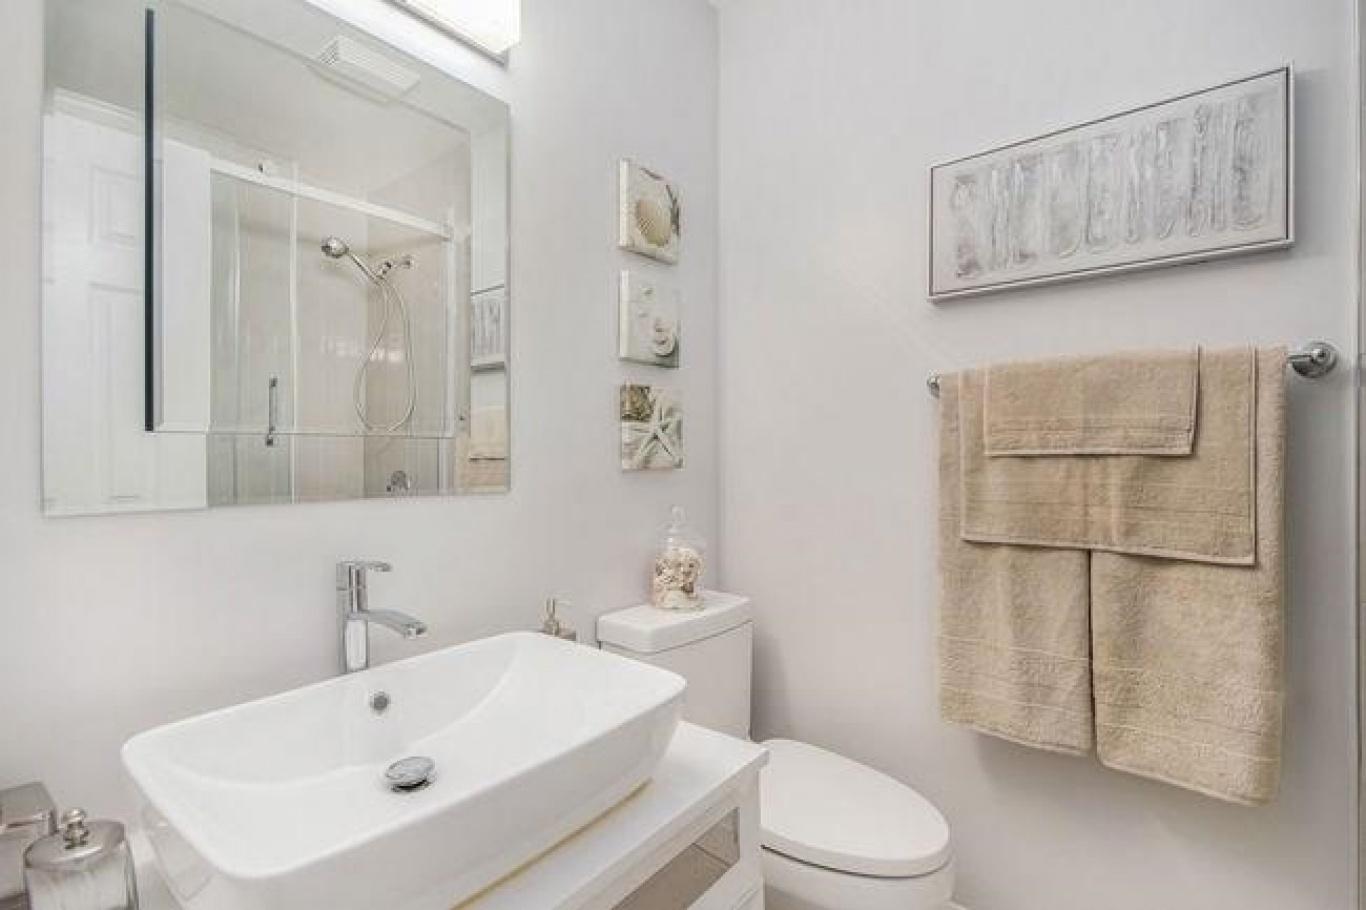 245 ECHO DRIVE #B, Ontario, Ontario K1S 1N, 4 Bedrooms Bedrooms, ,3 BathroomsBathrooms,Villa,For Sale,ECHO DRIVE #B,1010